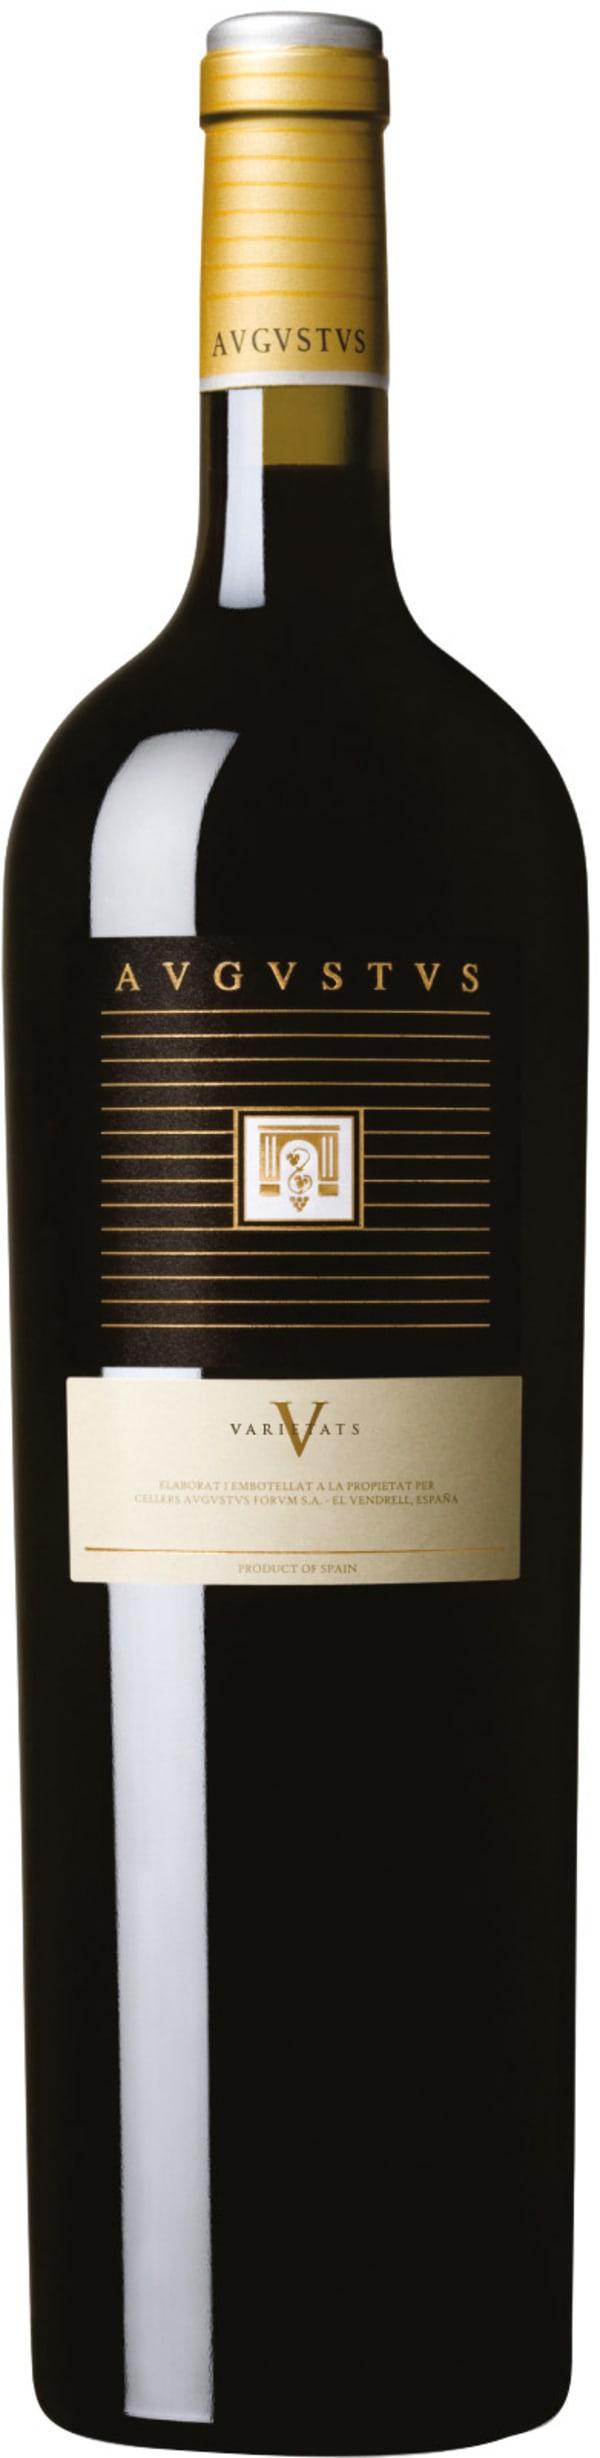 Avgvstvs VI 2011